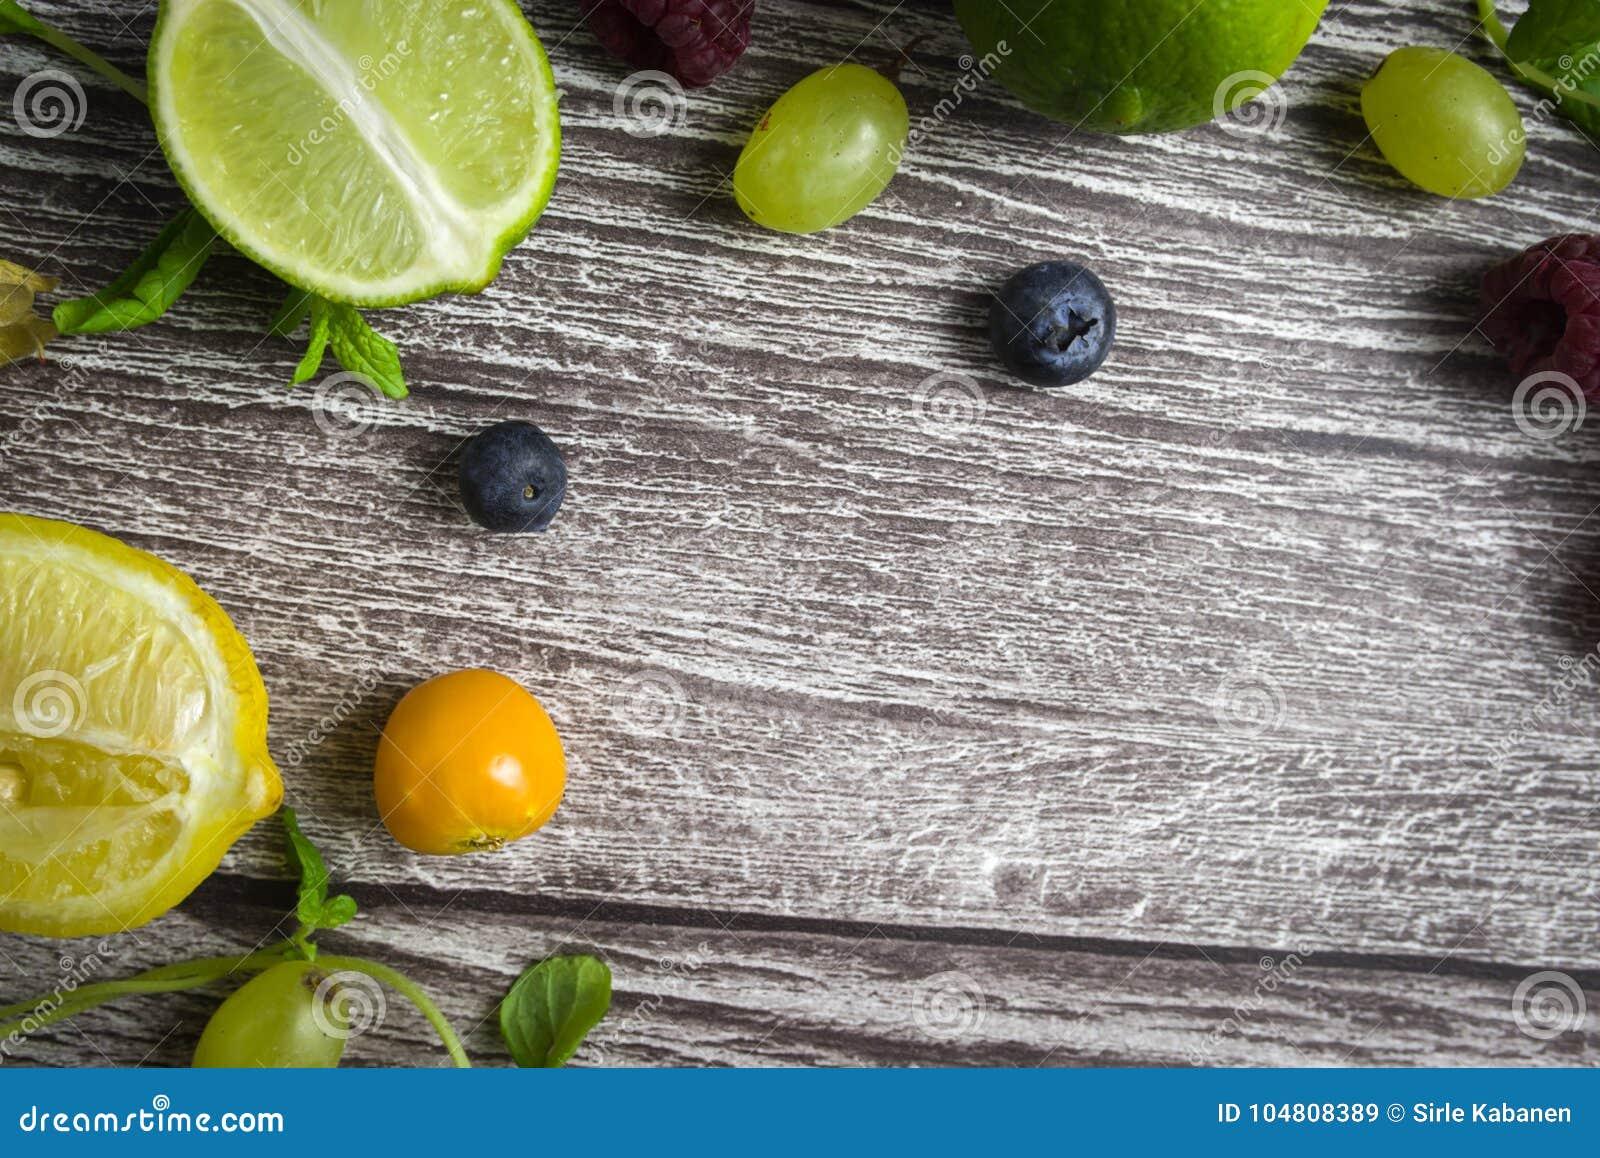 Cal Y Frutas En El Fondo De Madera Visión Superior Ningún Photoshop ...